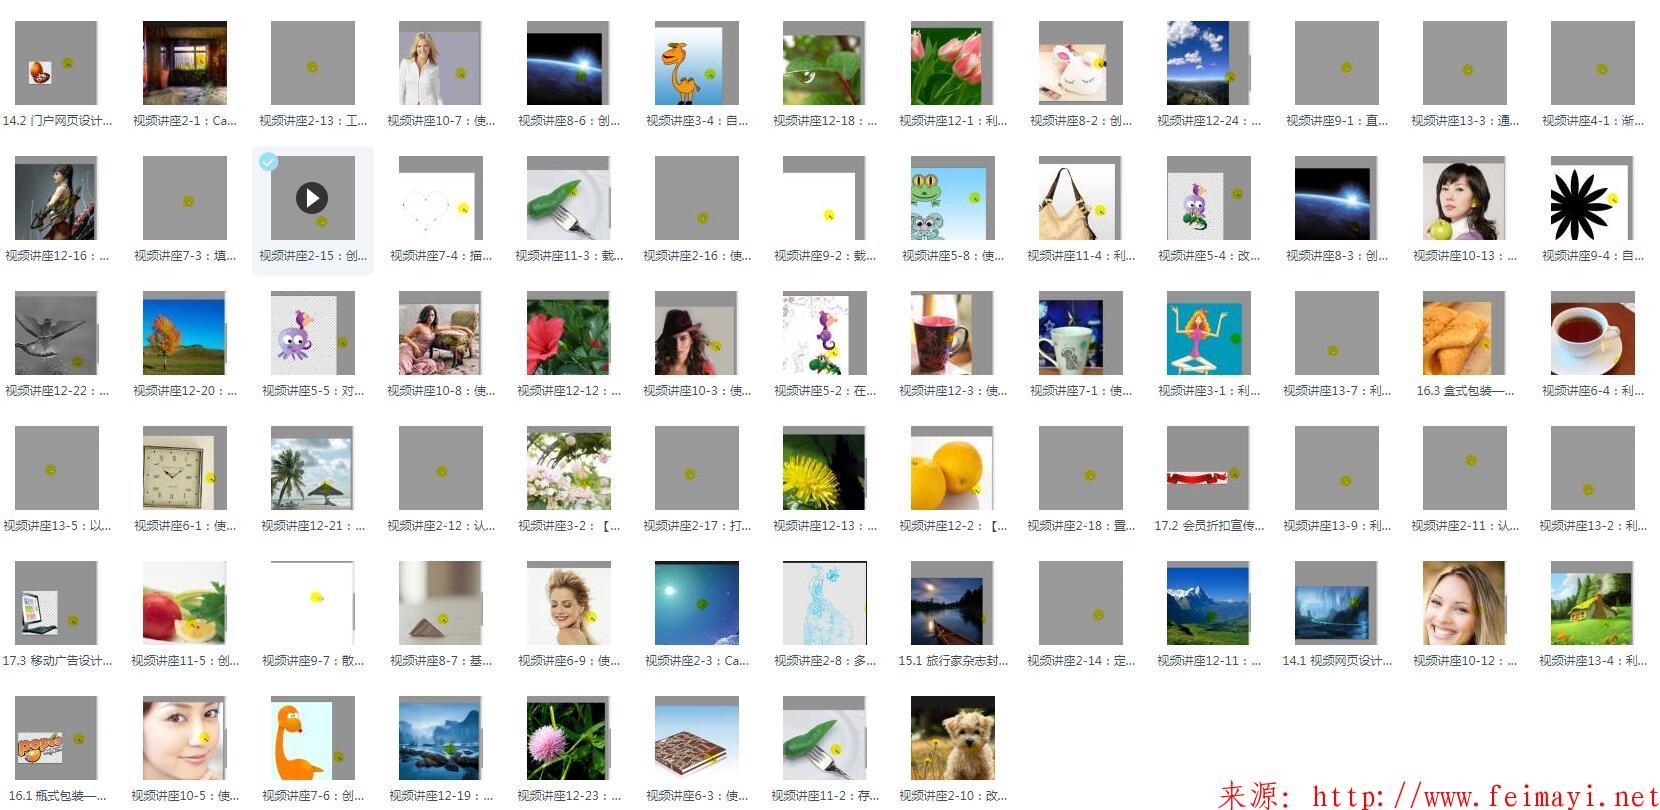 Photoshop CC从基础入门到精通视频教程 共138节6.07G